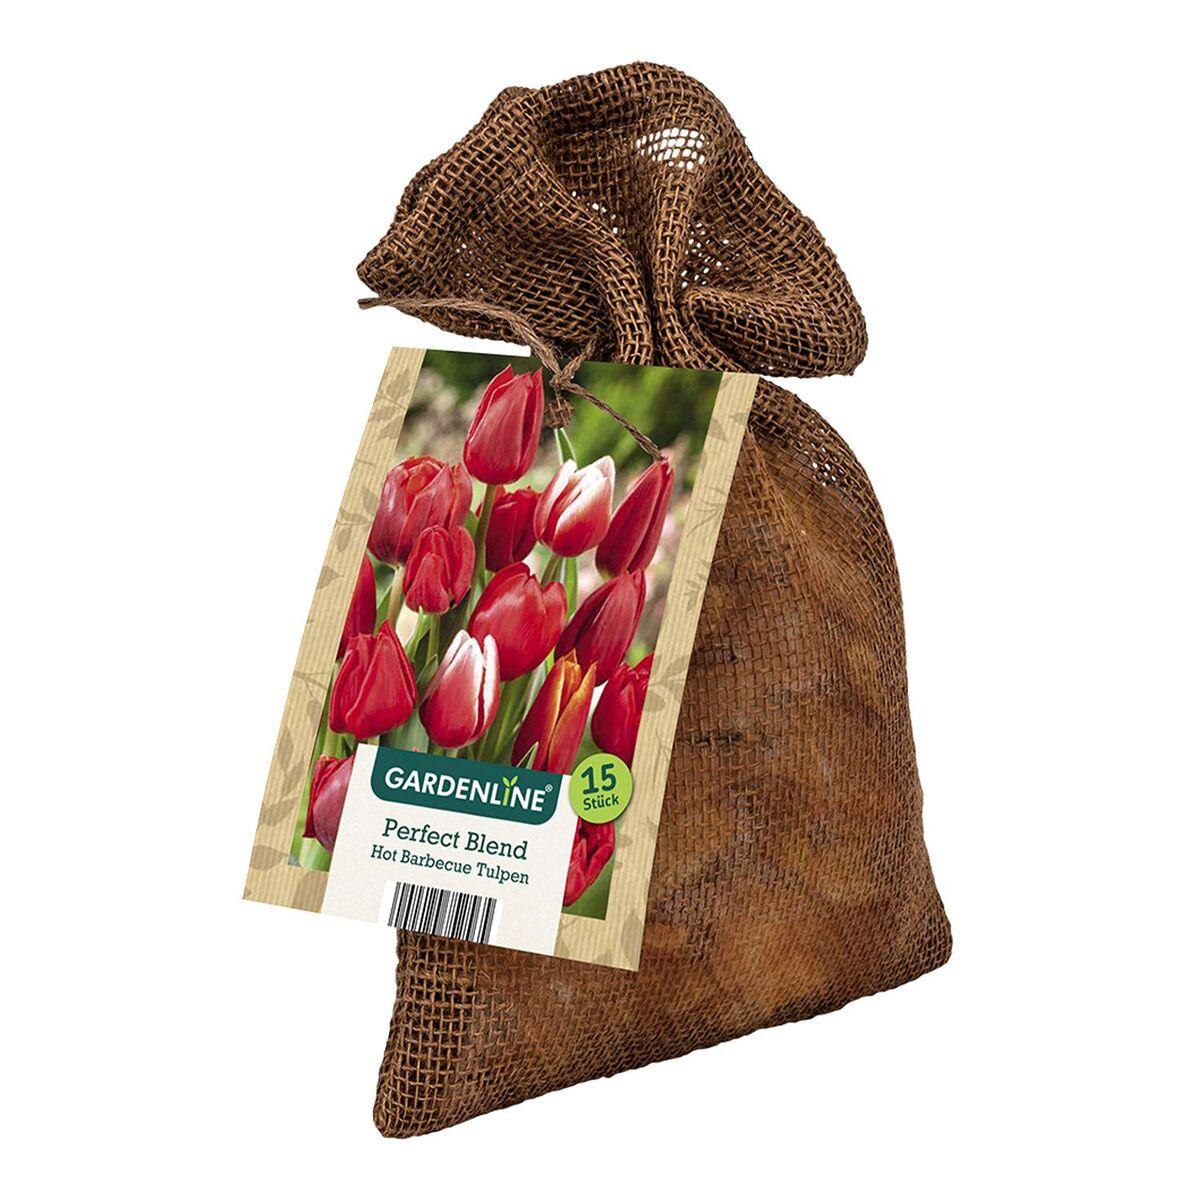 Bild 5 von GARDENLINE®  XL-Frühlingsblumenzwiebeln im Jutebeutel